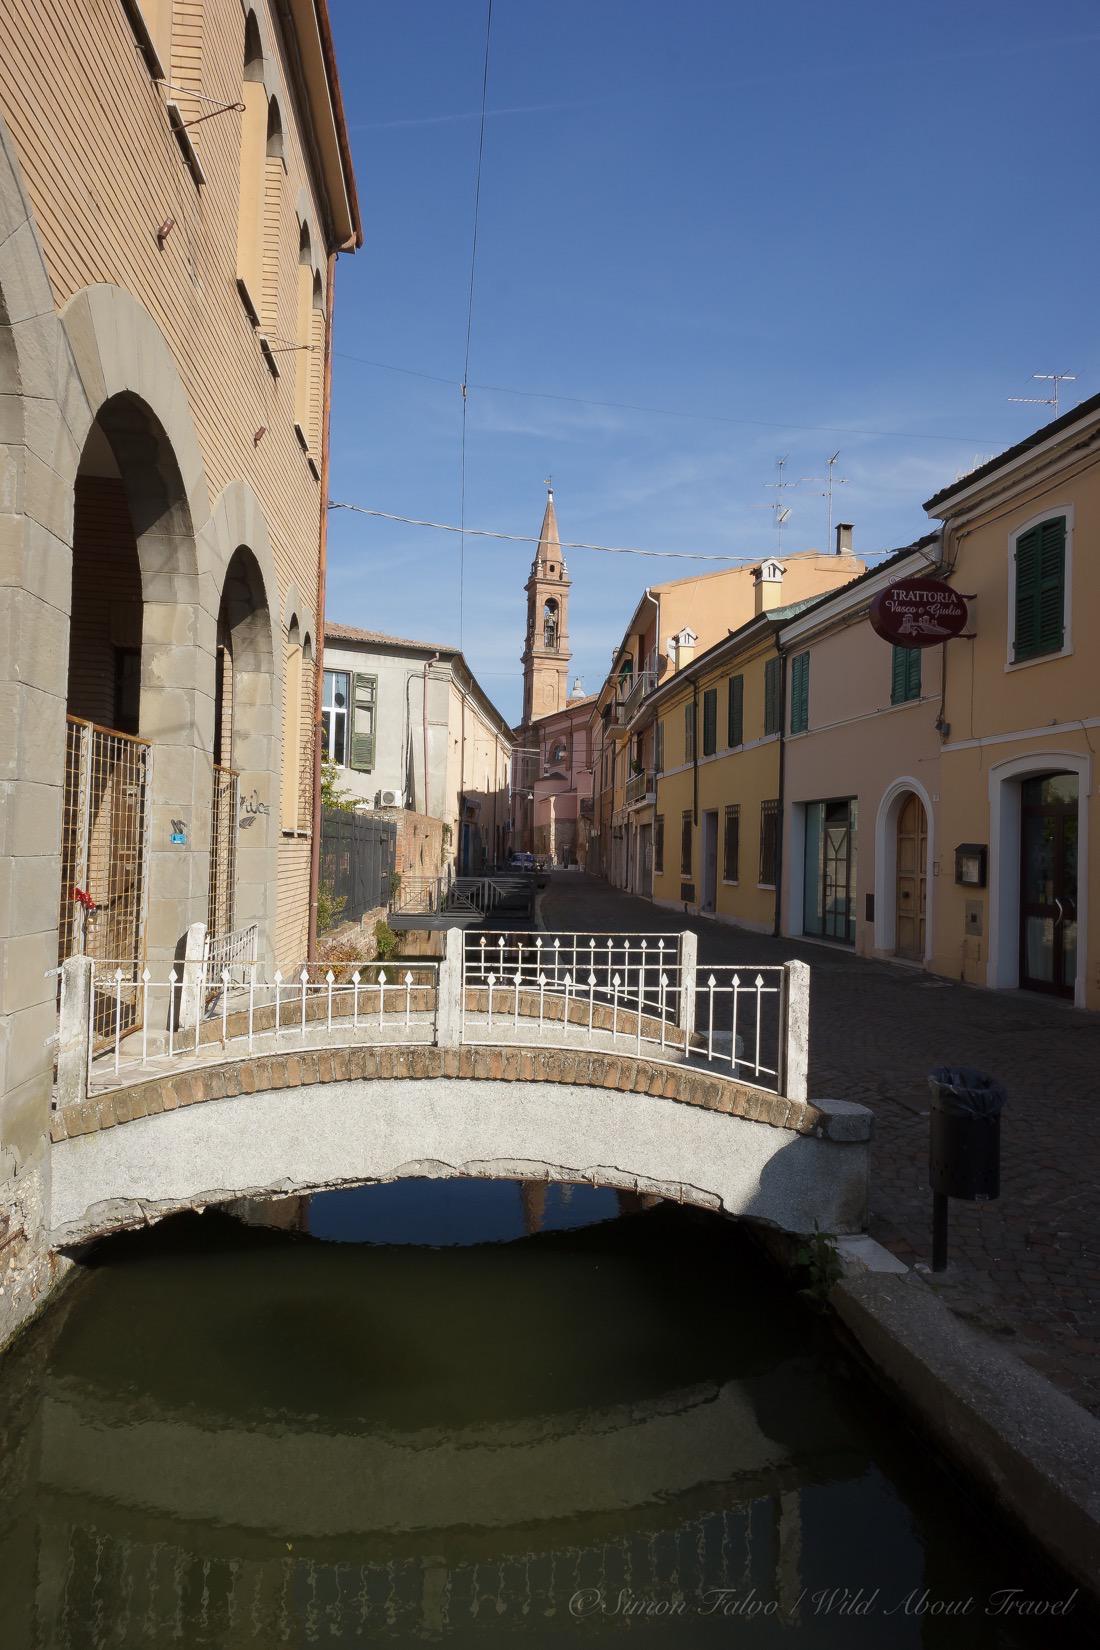 Little Bridge in Comacchio